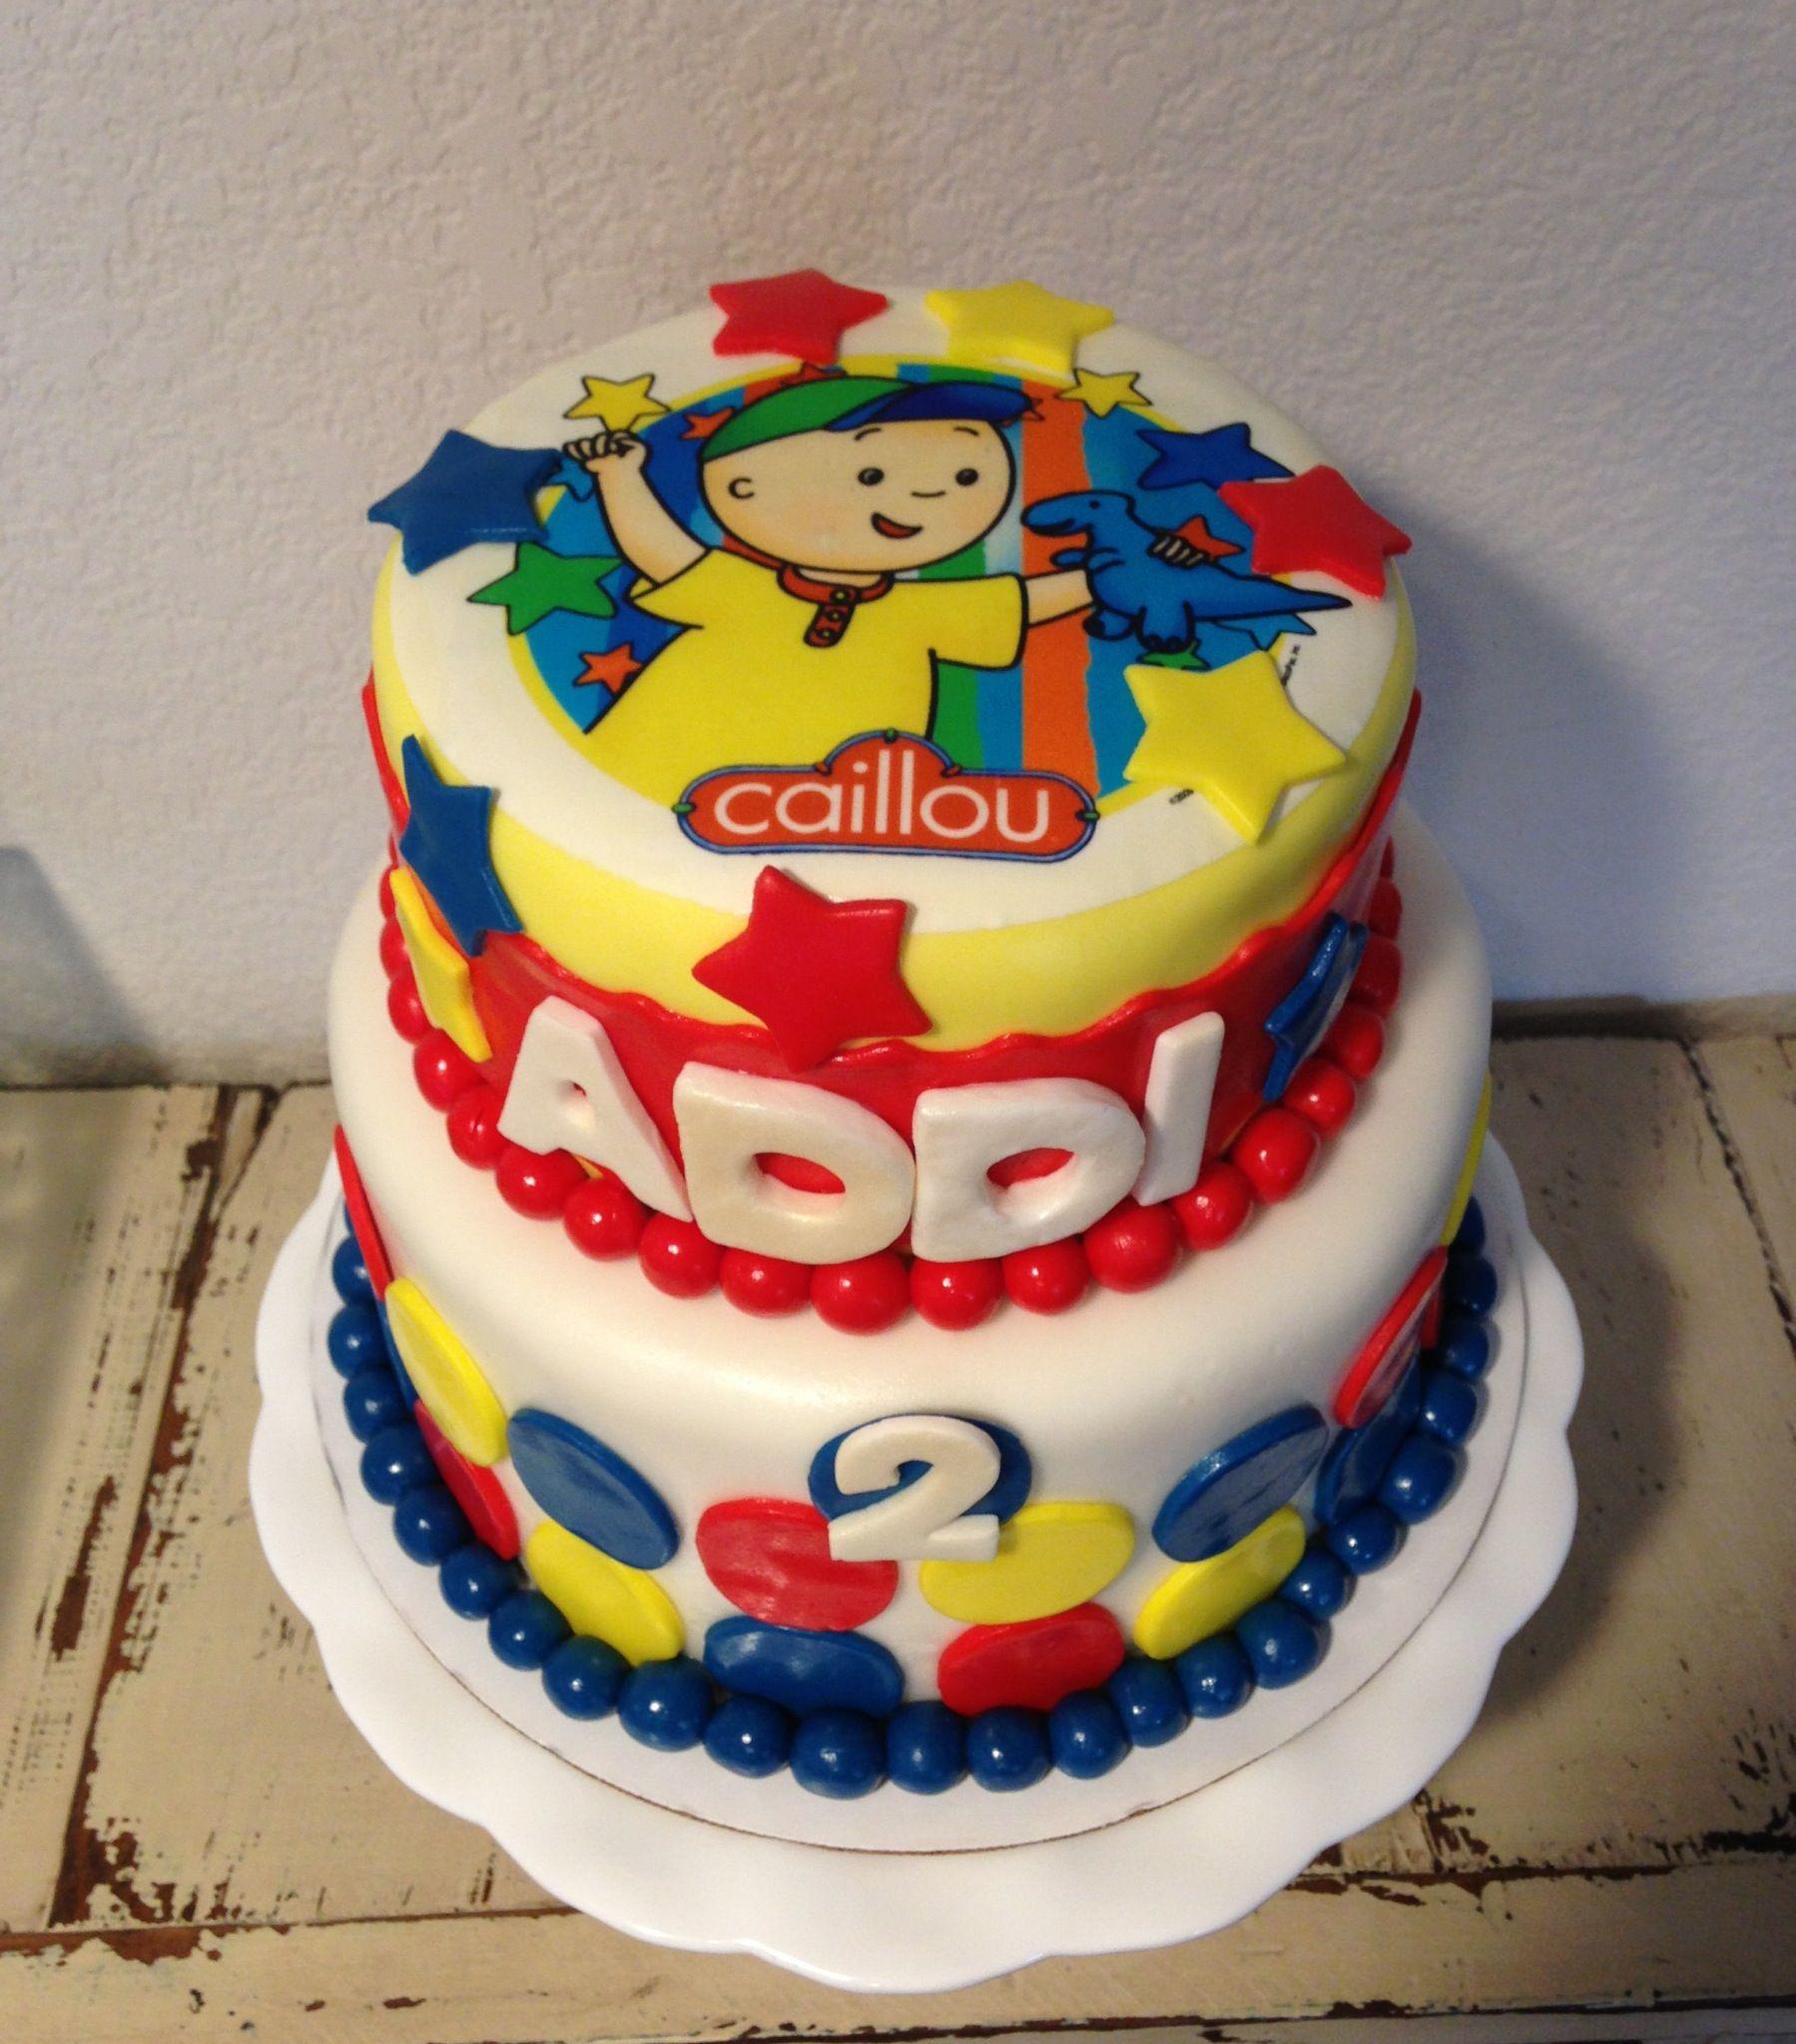 Best ideas about Calliou Birthday Cake . Save or Pin Caillou Birthday Cake KJ Takes The Cake Now.